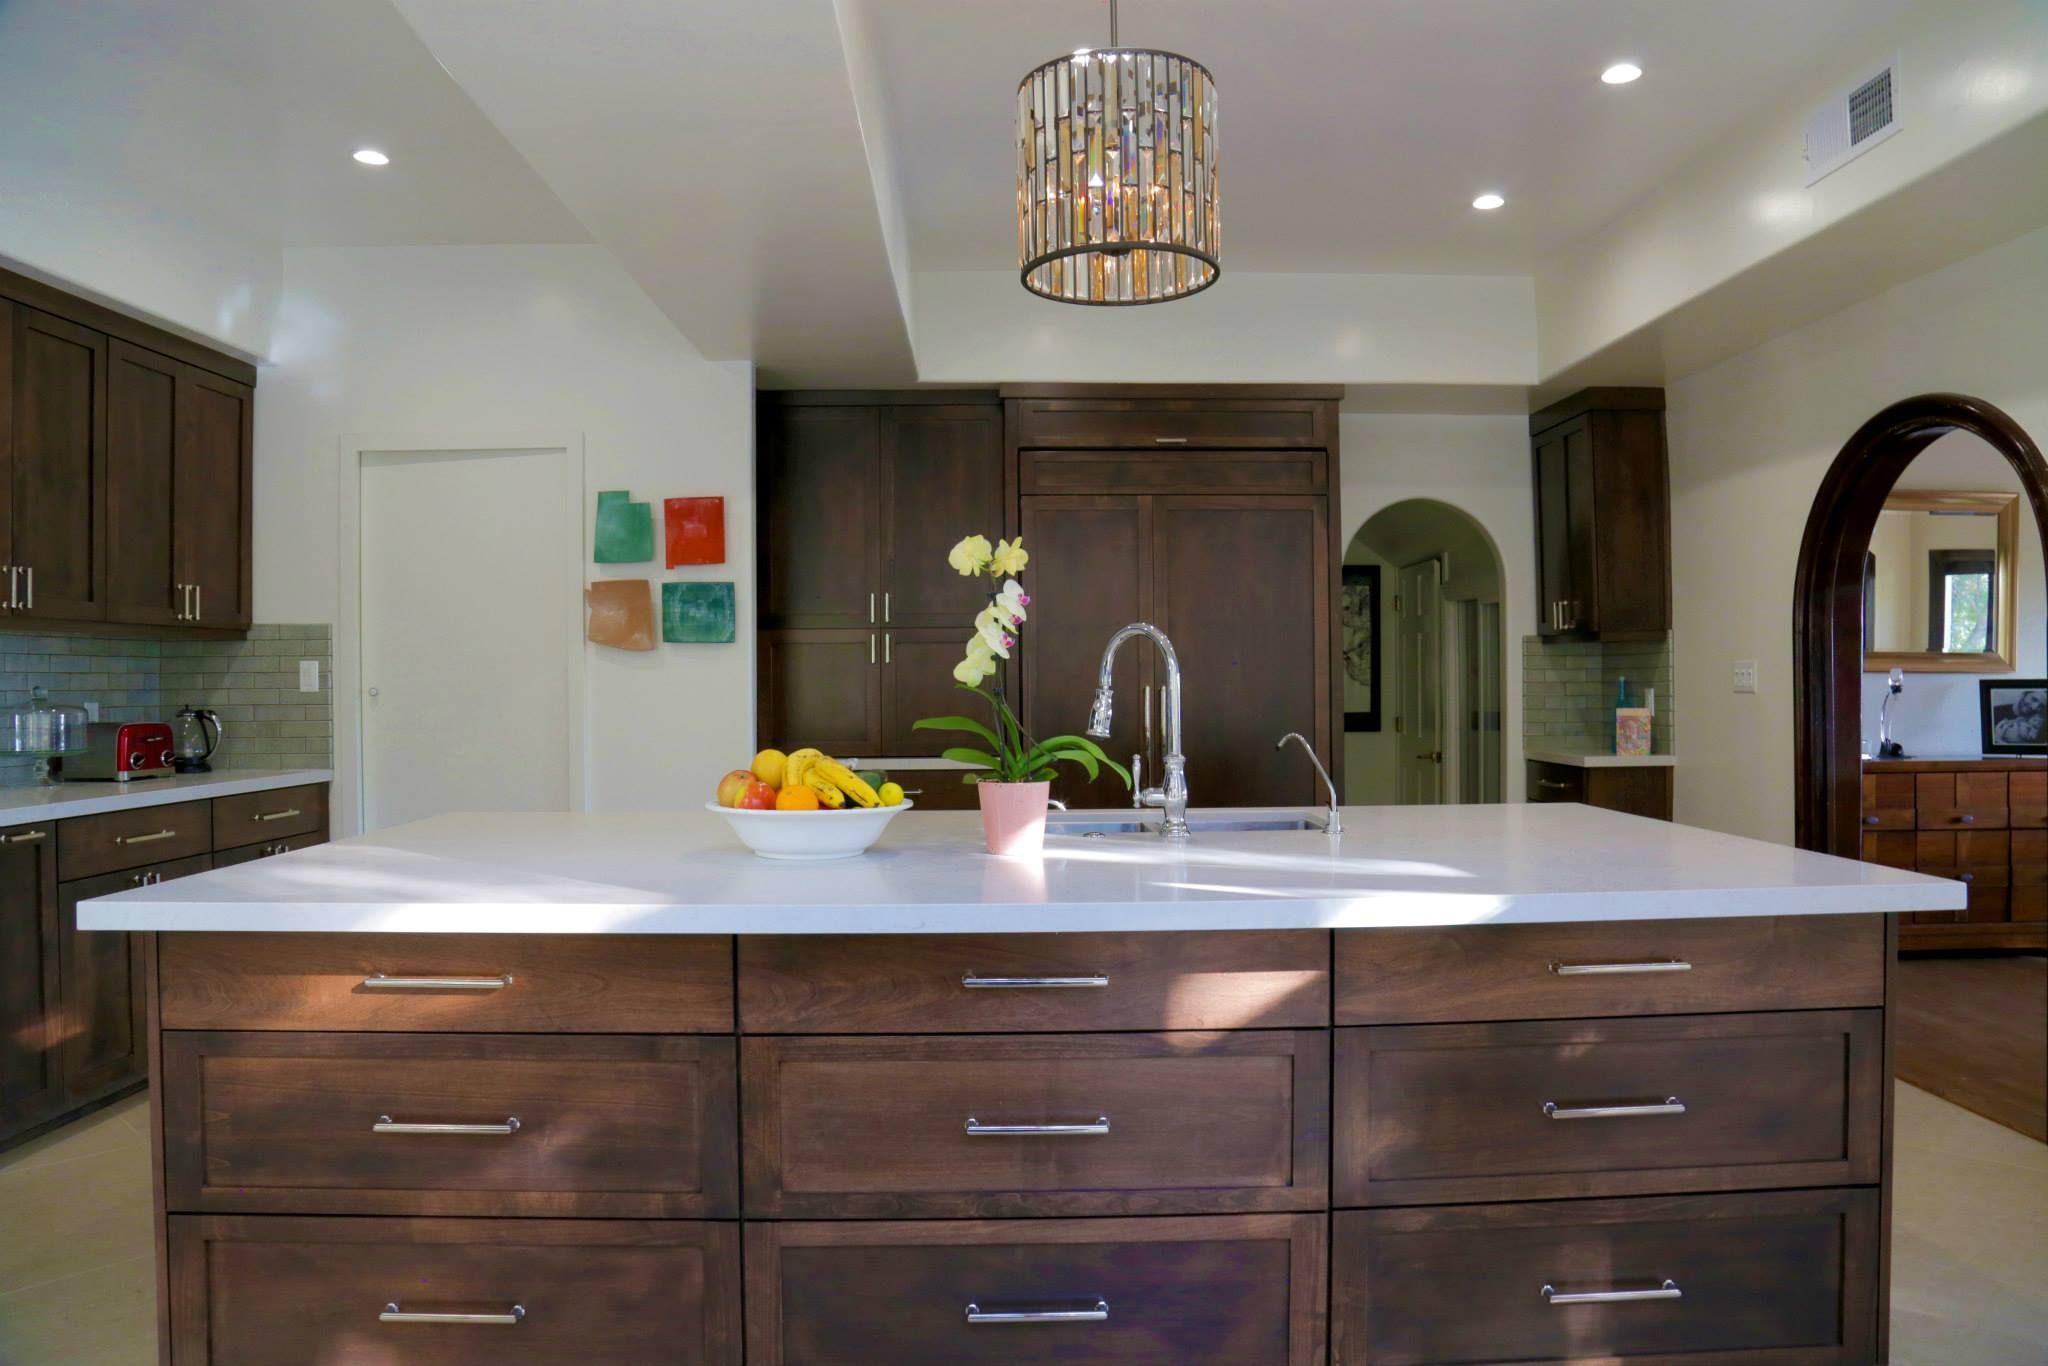 New Kitchen Cabinets Cost Estimator Alkamedia.com